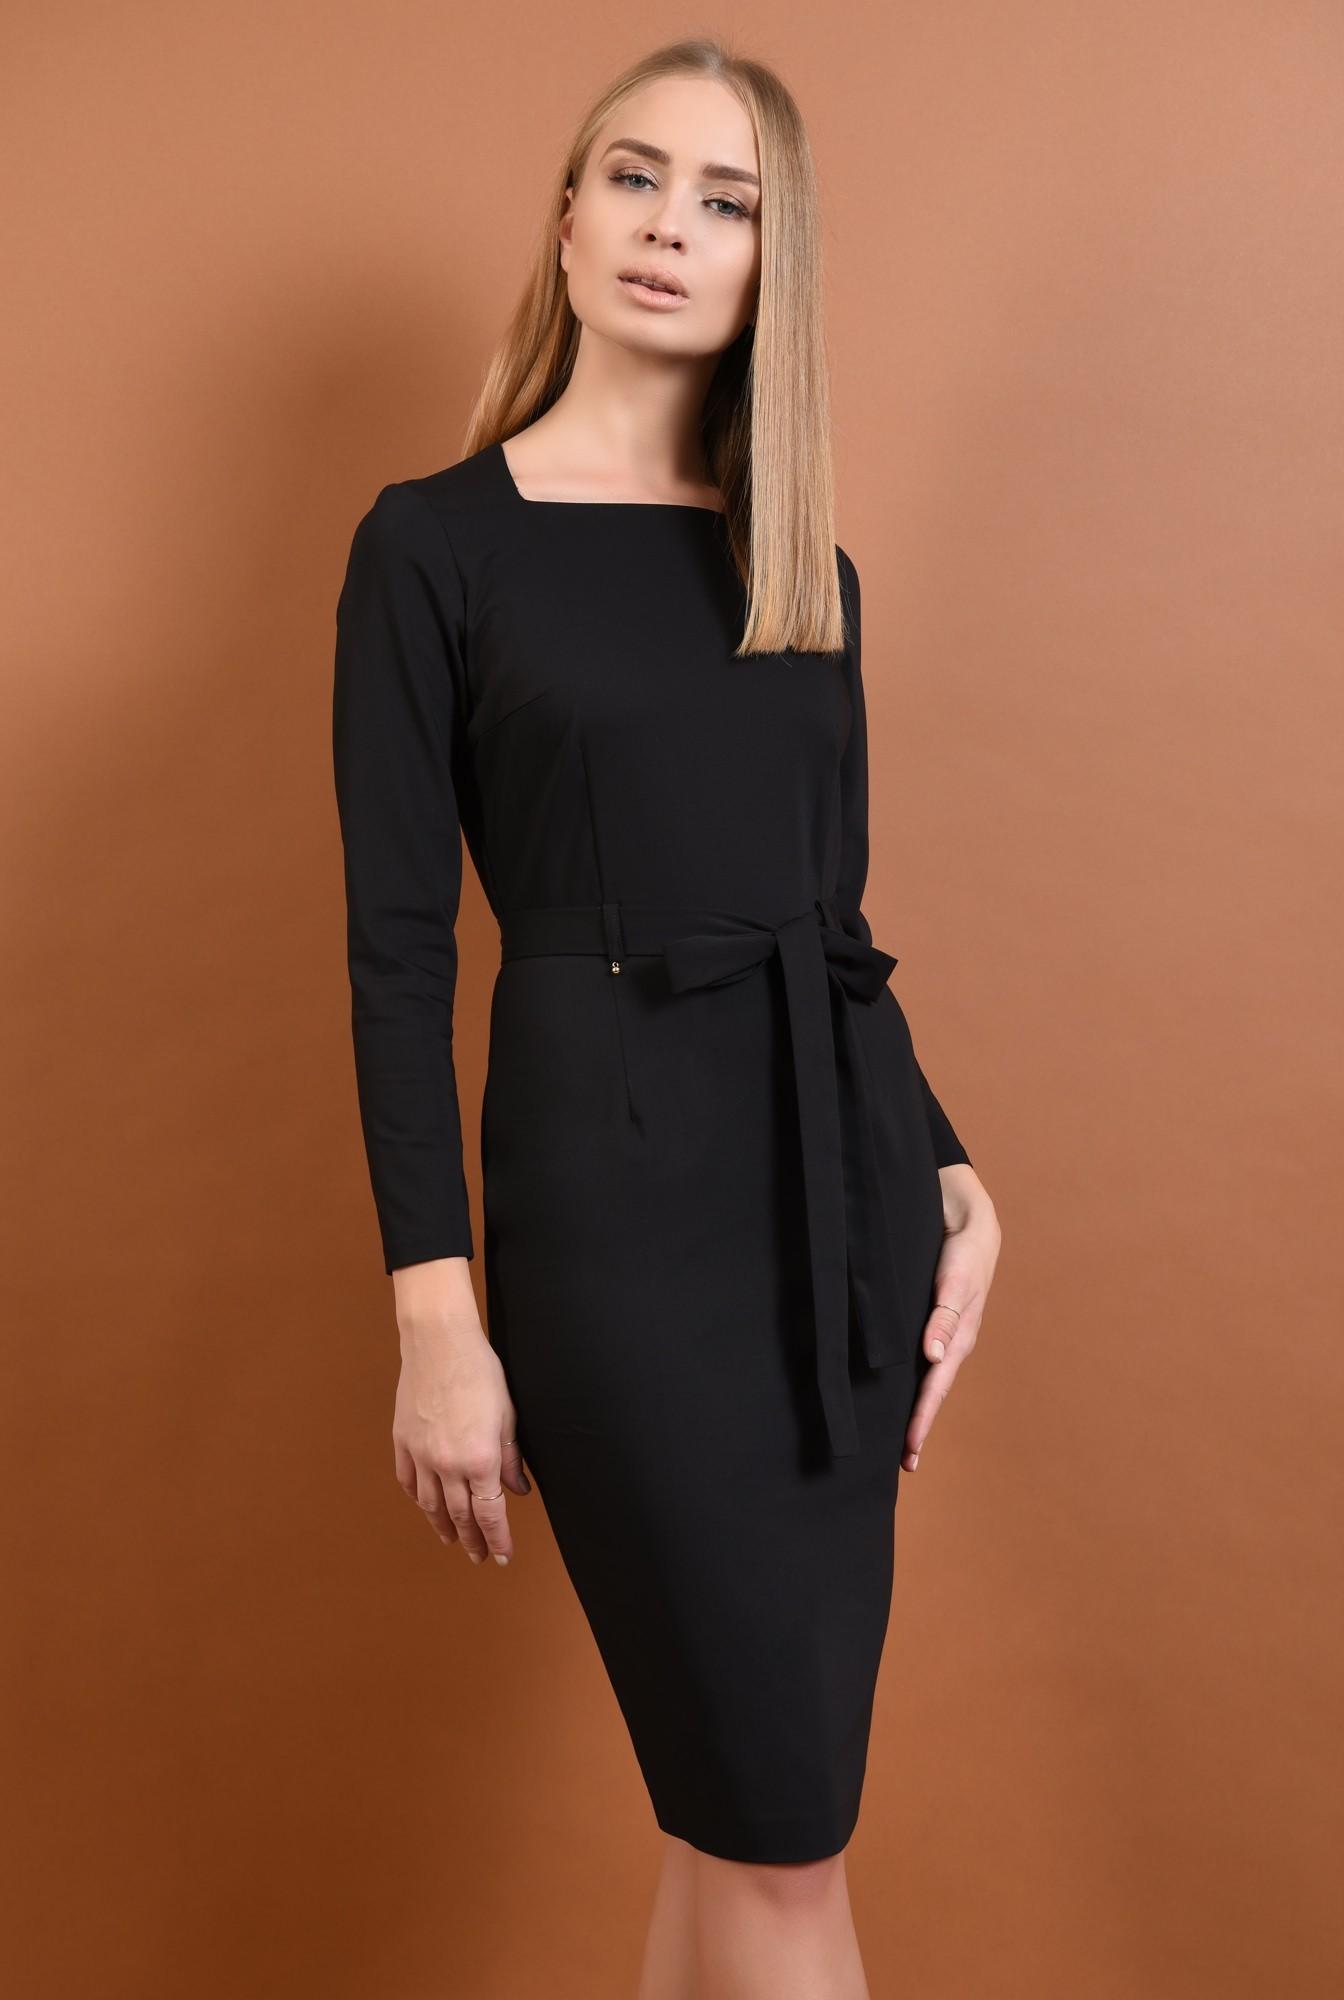 0 - 360 - rochie neagra, casual, rochii online, croi conic, cordon, funda